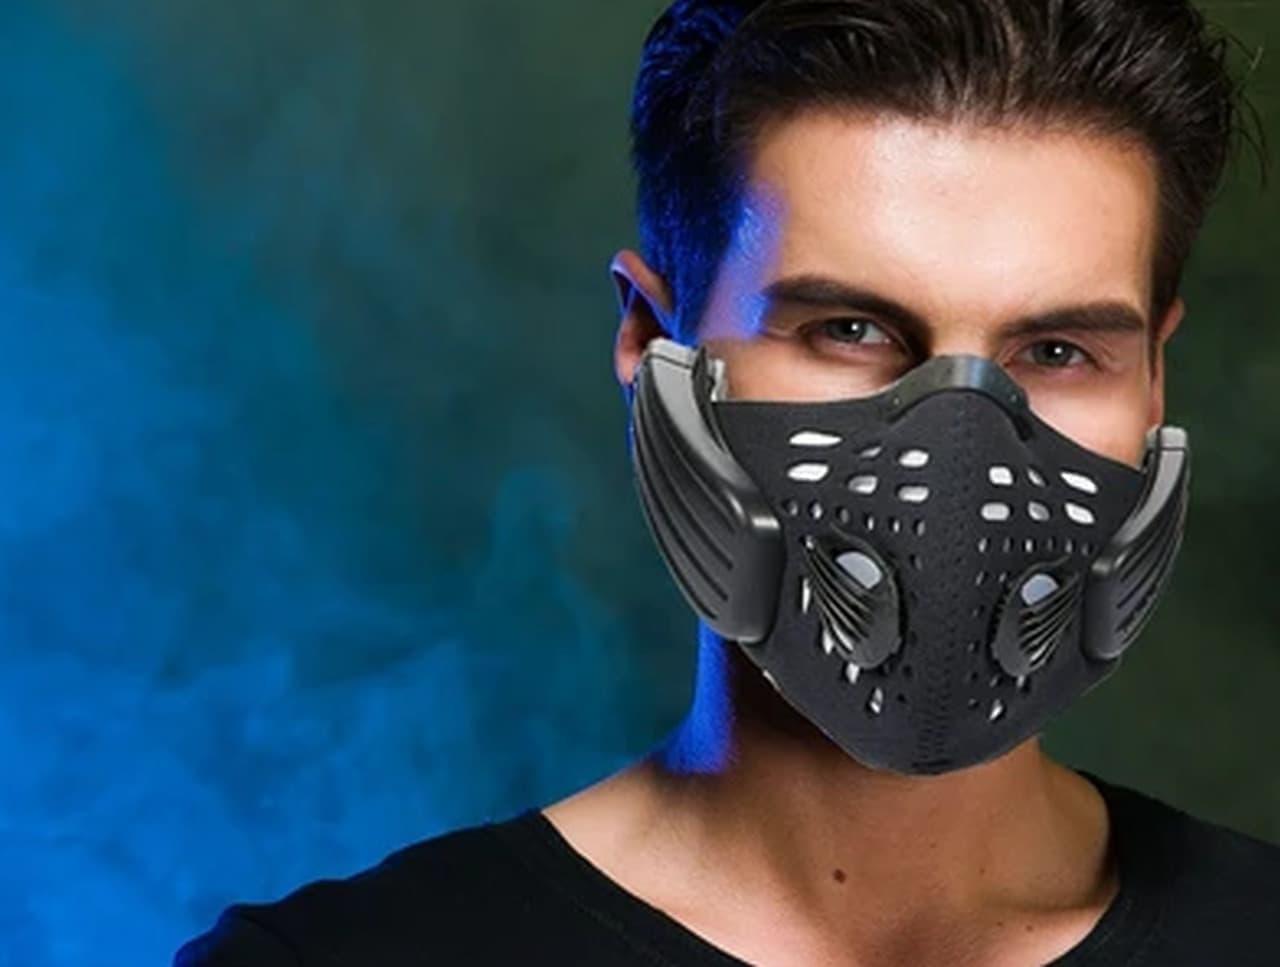 骨伝導スピーカー付きのマスク「Bone Conduction Audio Mask」